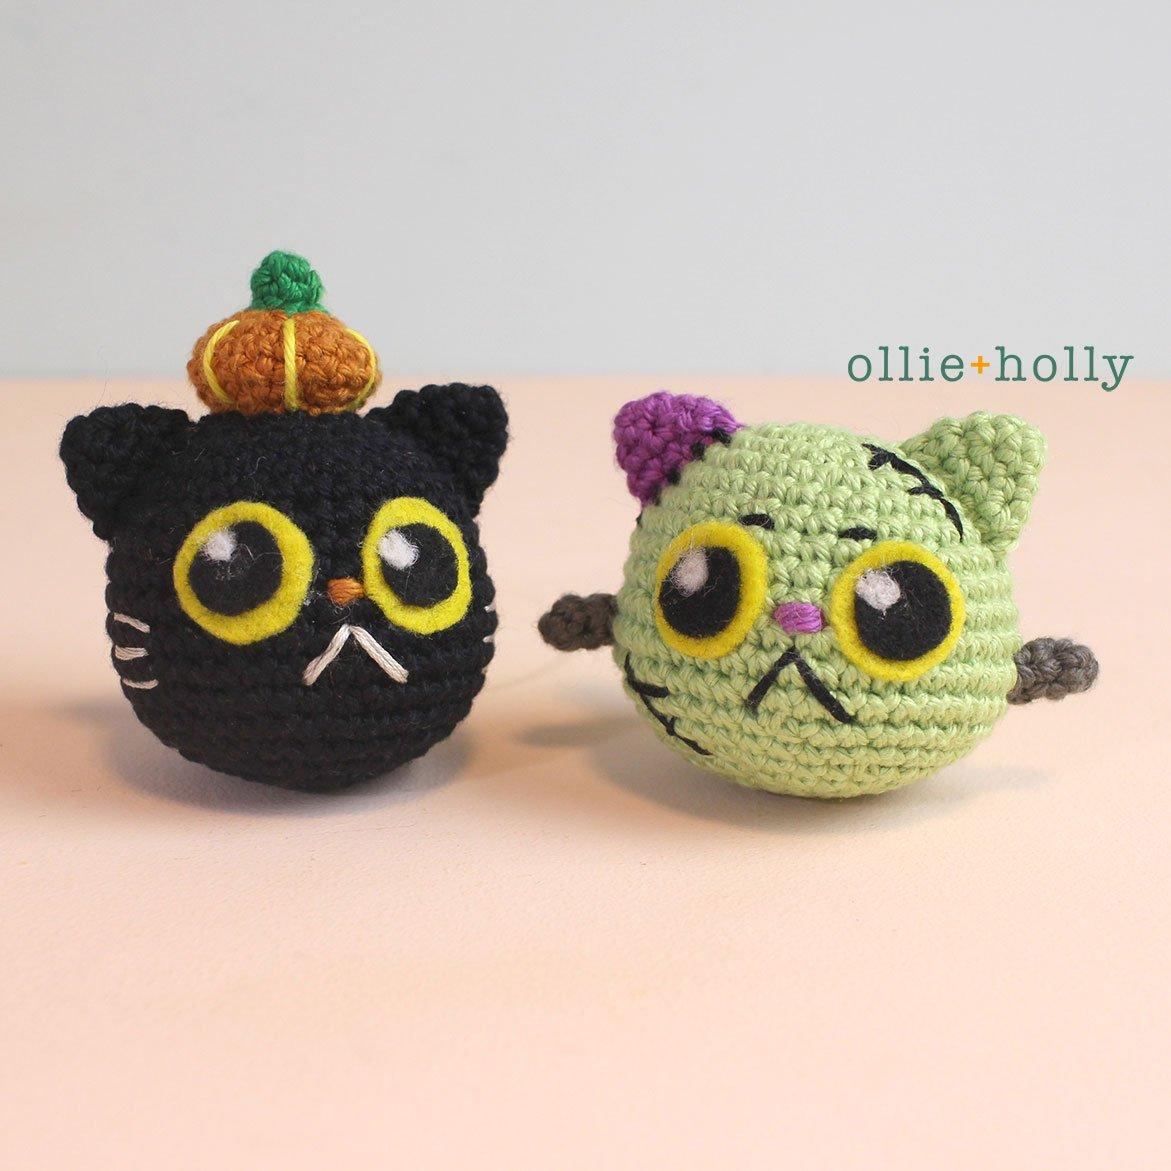 Free Frankenkitty & Pumpkitten Halloween Cat Ornaments Amigurumi Crochet Pattern Side by Side